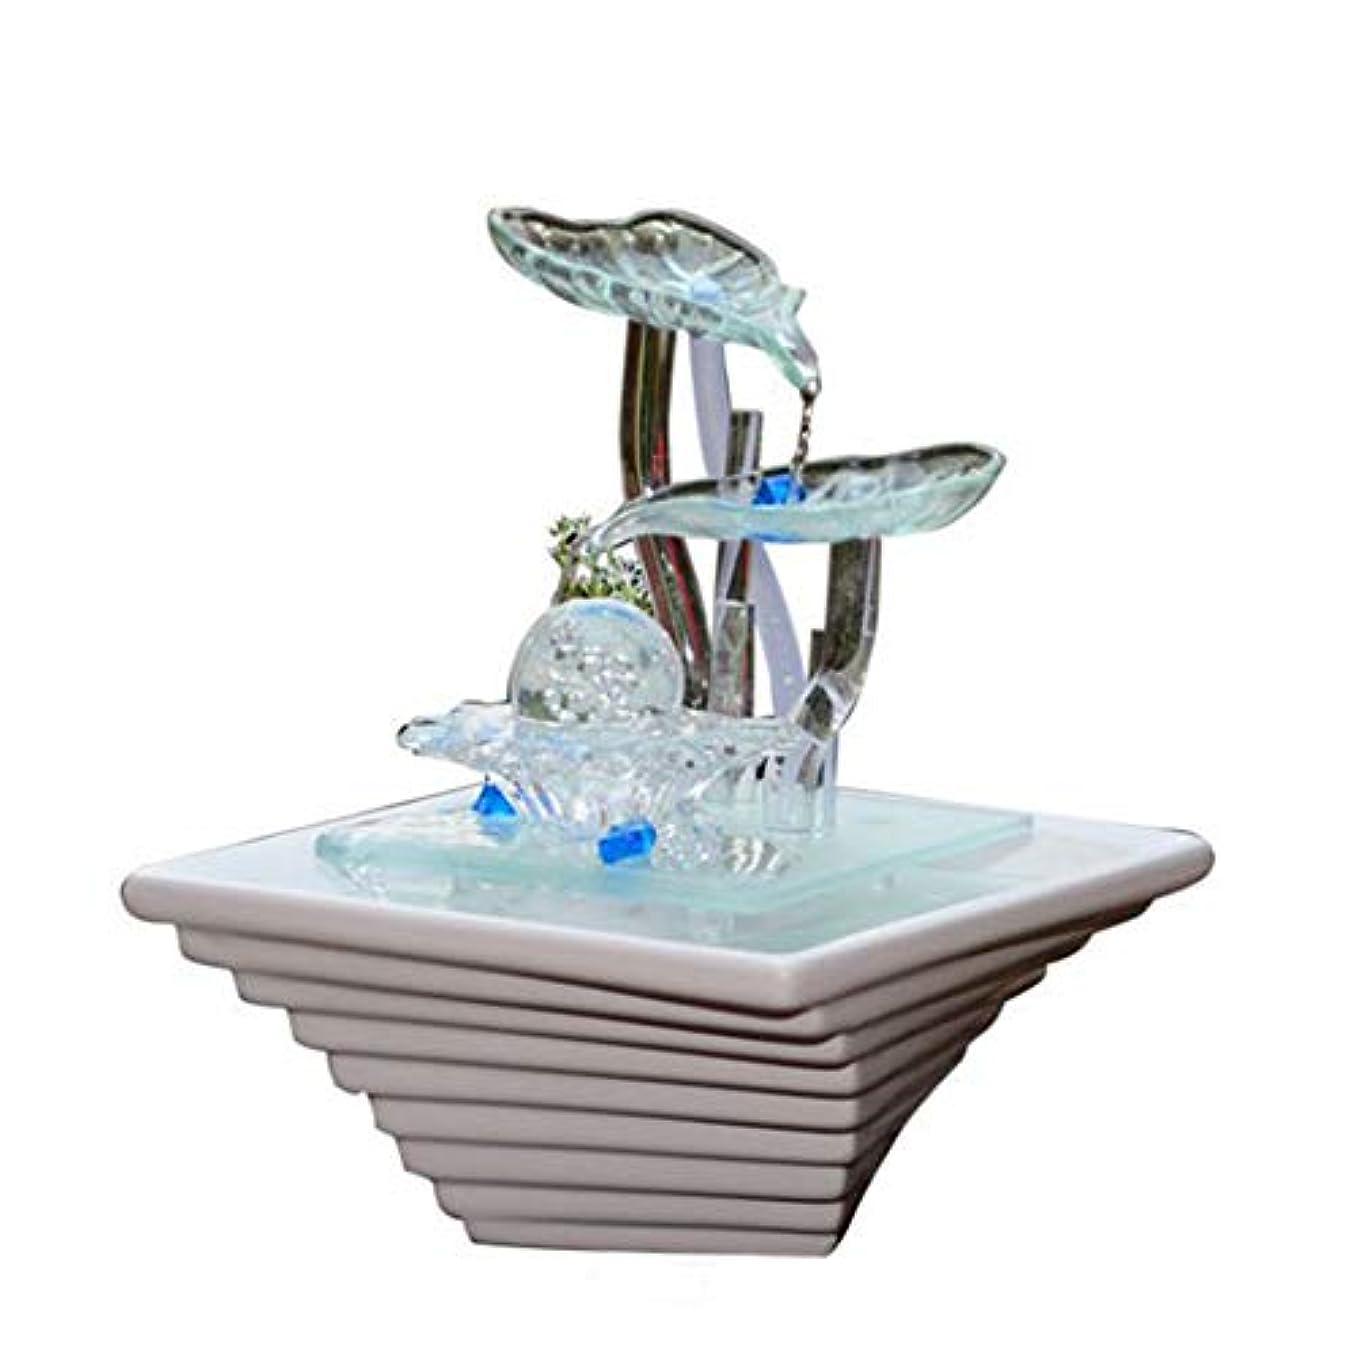 亡命万歳しっとり加湿器ホームデスクトップの装飾セラミックガラス工芸品の装飾品噴水装飾品バレンタインデー結婚式の誕生日パーフェクトギフト